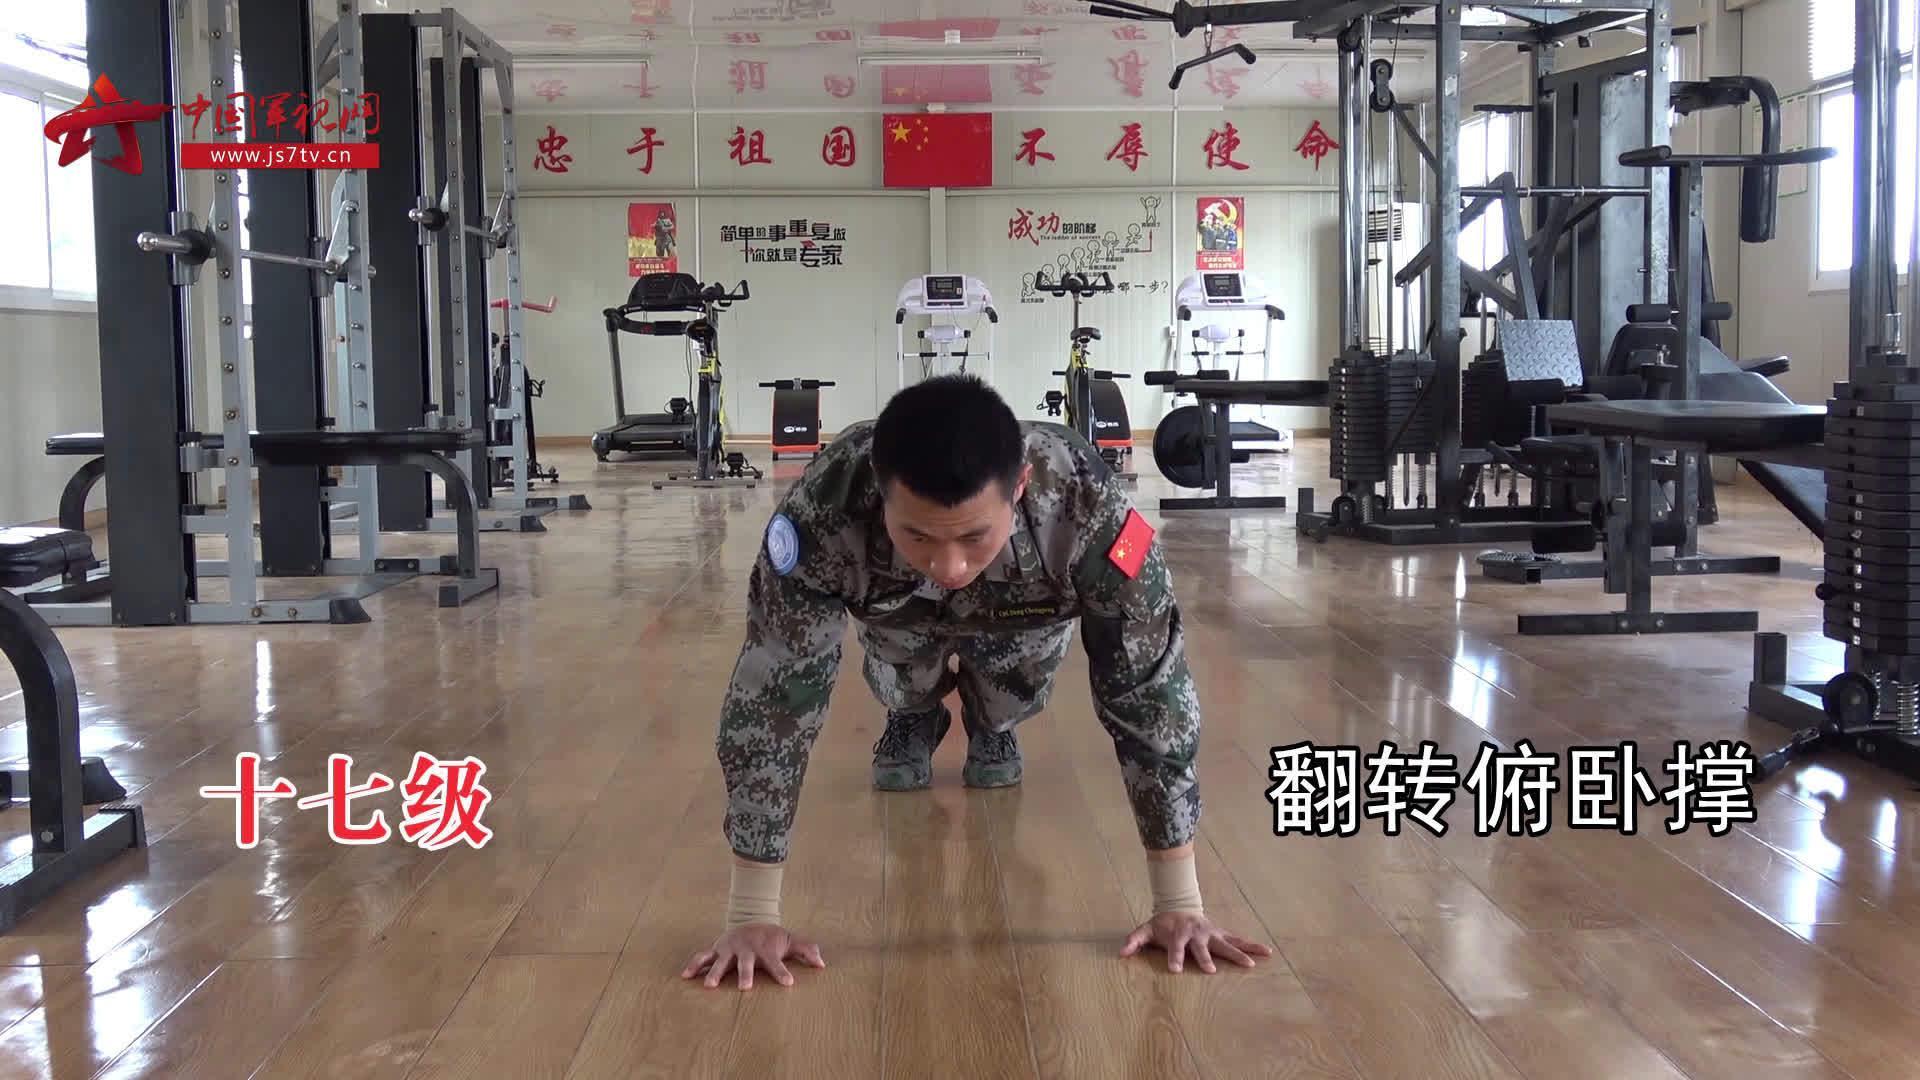 俯卧撑还能这么做,维和战士挑战1-20级俯卧撑!